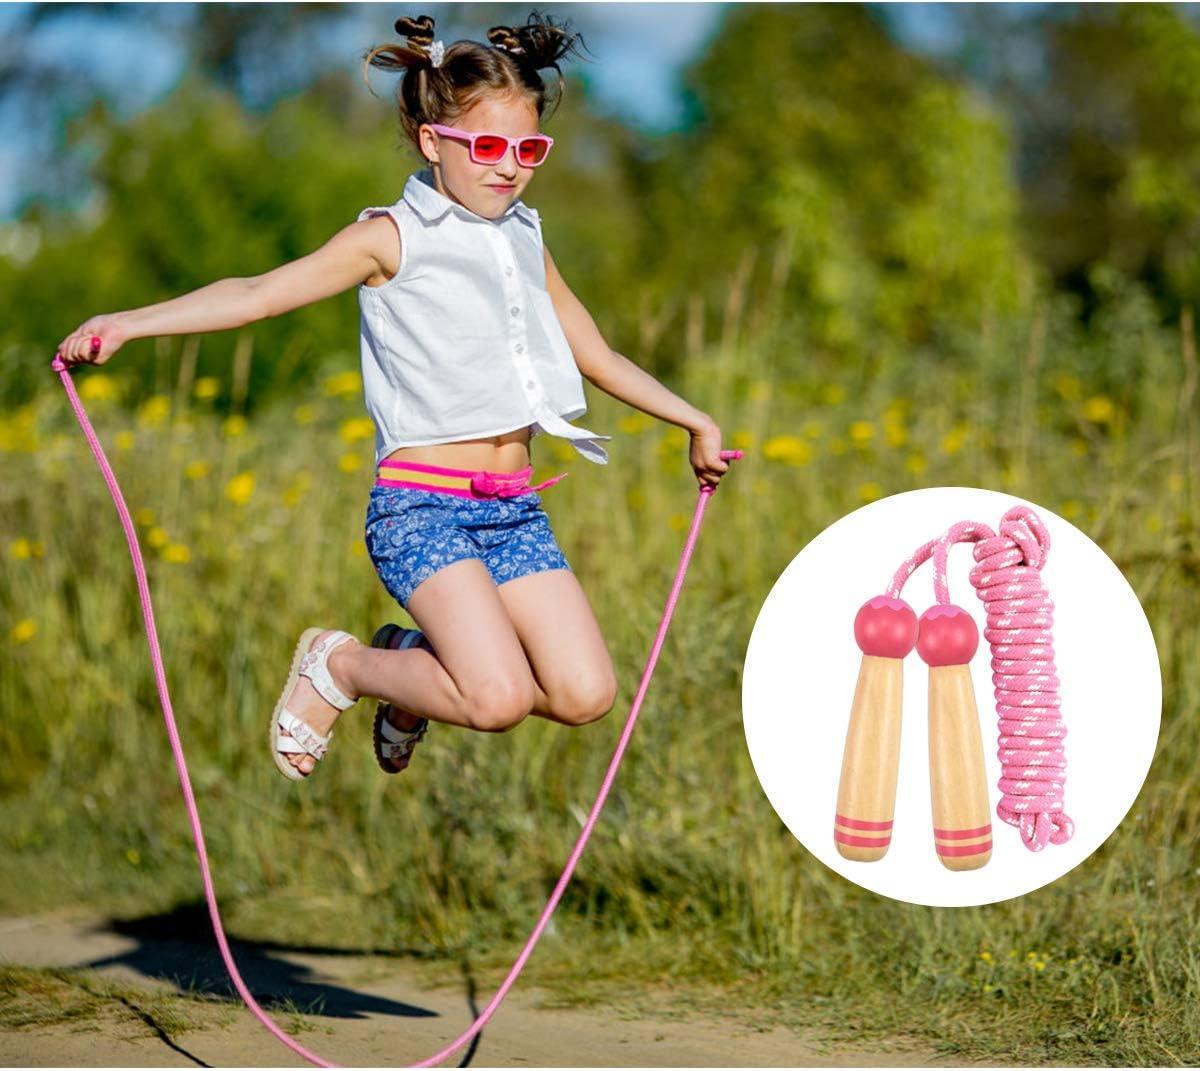 245cm Disino 2 Pezzi Corde per Saltare Bambini Regolabile Corda per Saltare con Confortevole Manico in Legno per Ragazzi e Ragazze Sport Fitness Esercitarsi attivit/à Indoor e Outdoor Blu e Rosa